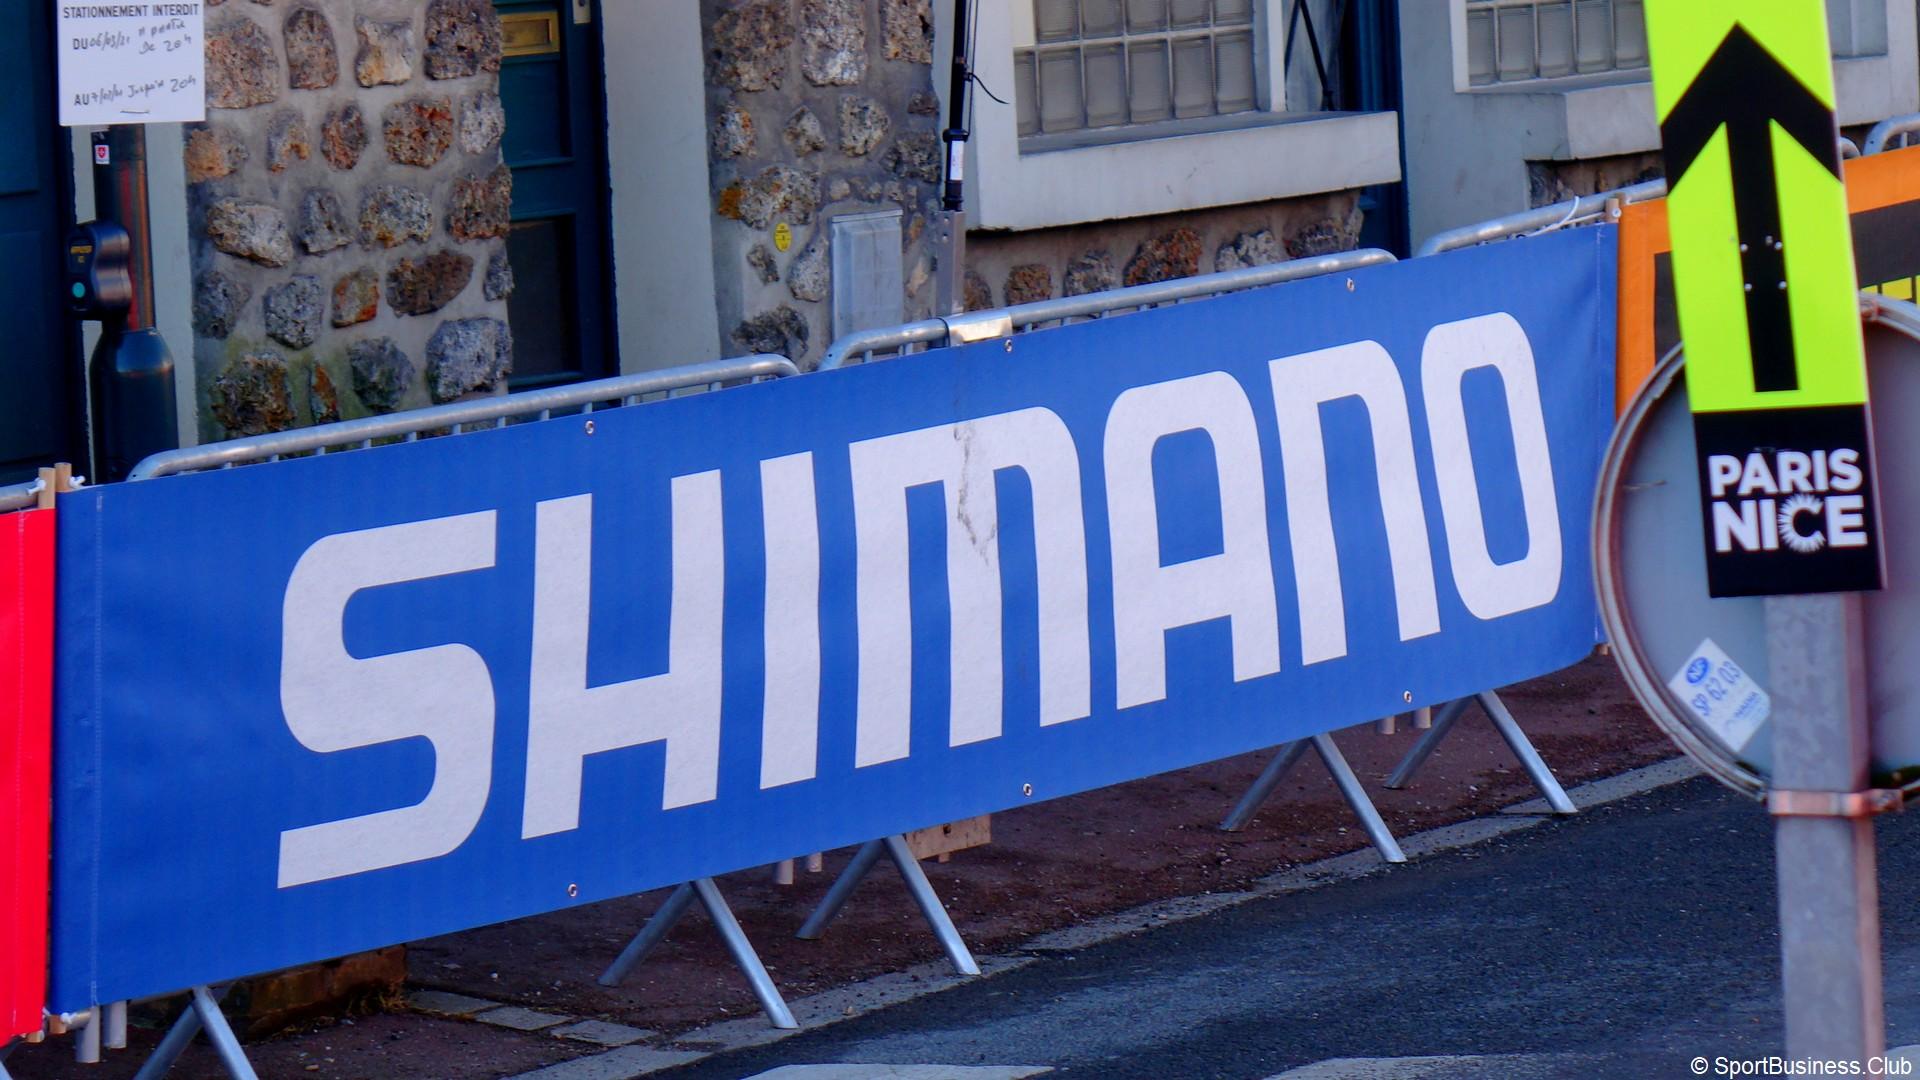 Shimano x Paris Nice (cyclisme) 2021